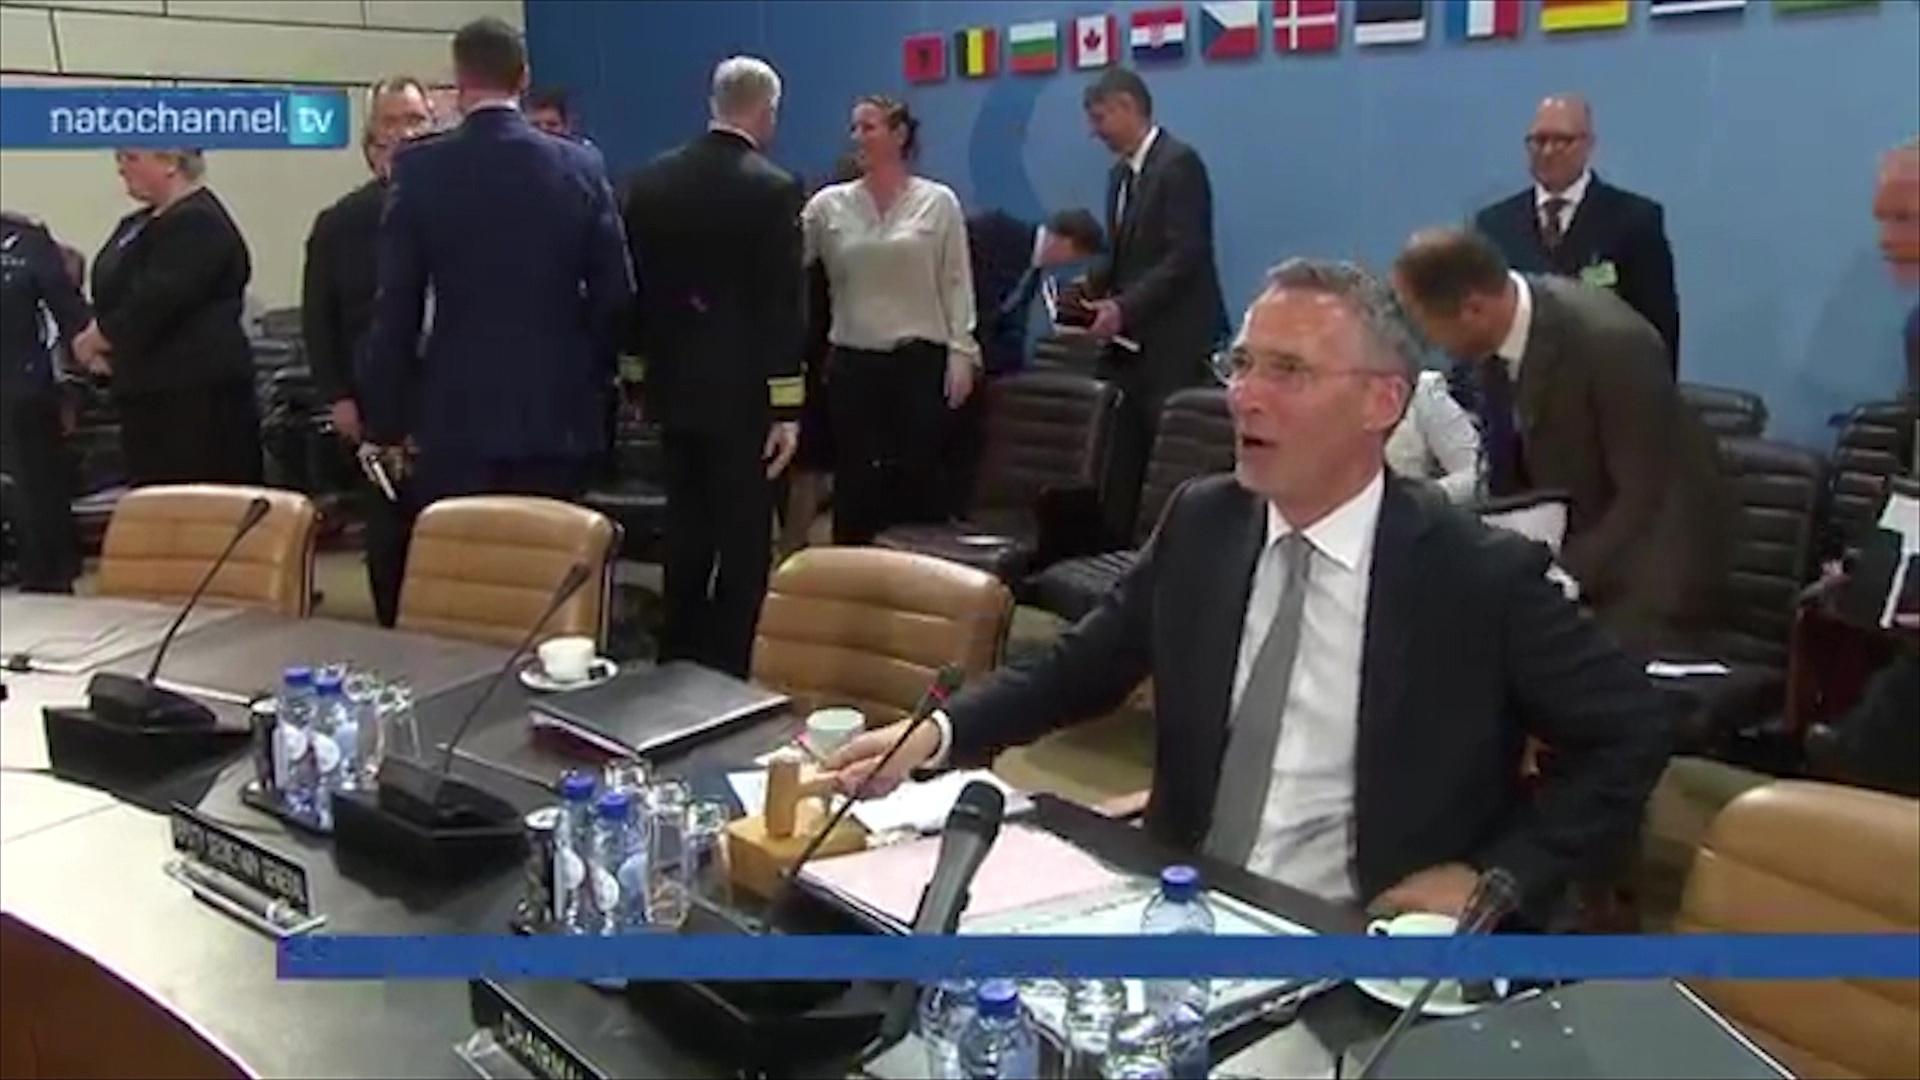 Këshilli i Atlantikut propozon prani të përhershme amerikane në Kosovë